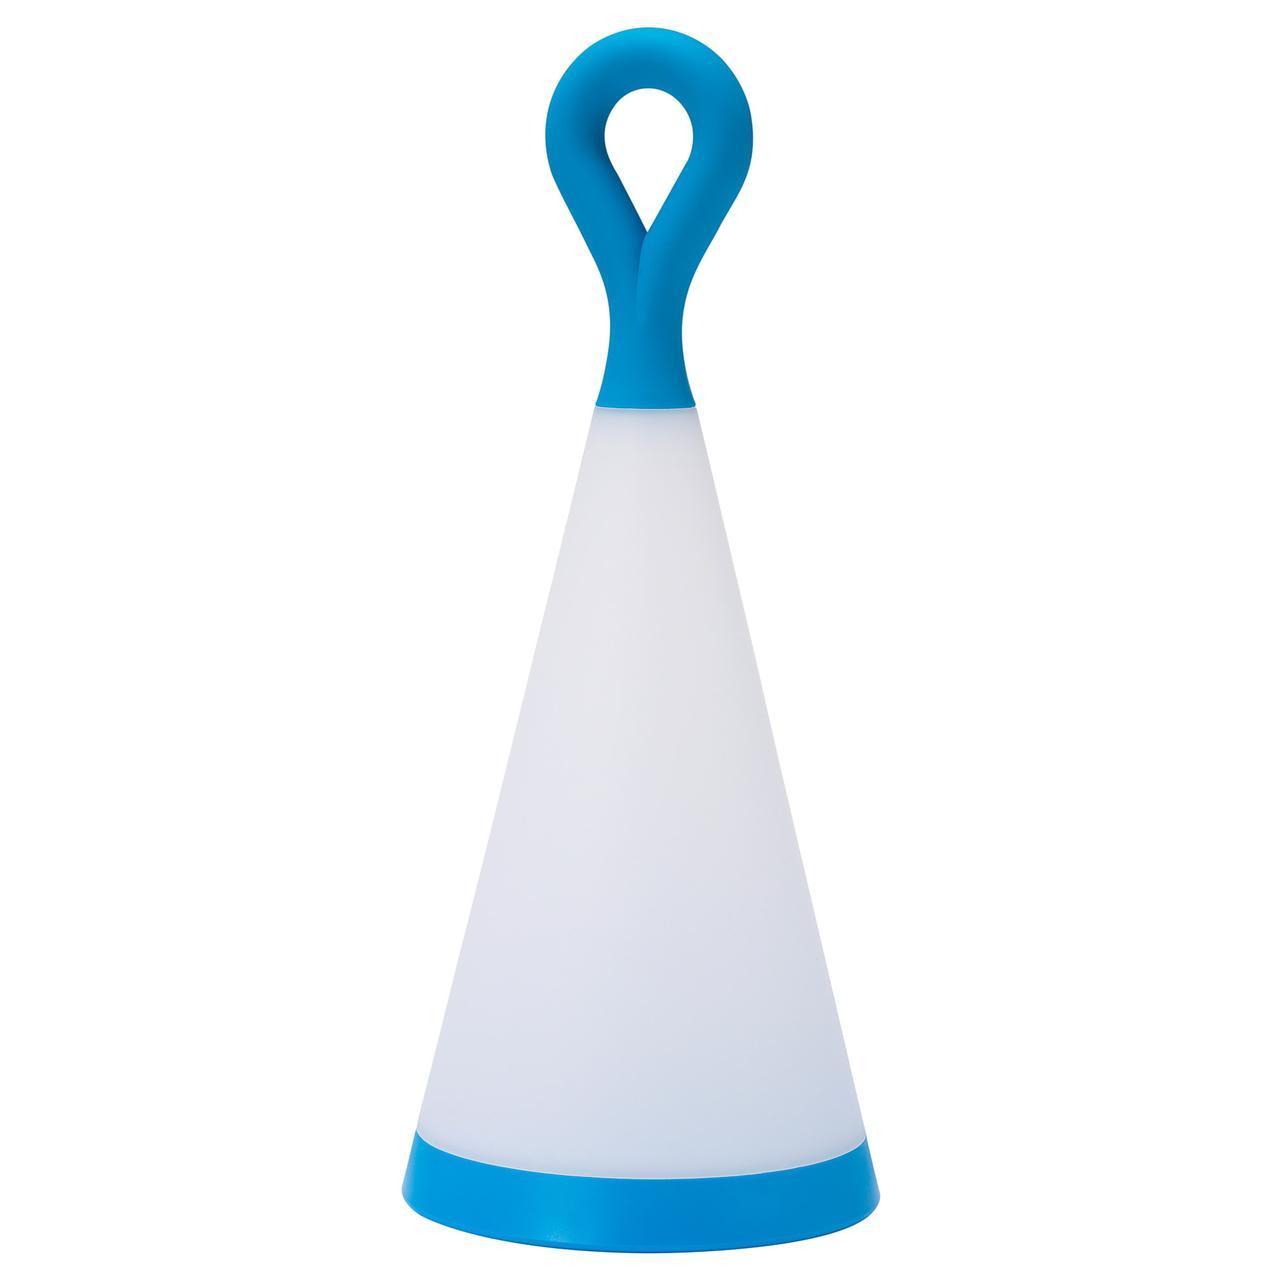 СОЛВИДЕН Настольн светодиодн лампа/солн бат, для сада, треугольник синий/белый